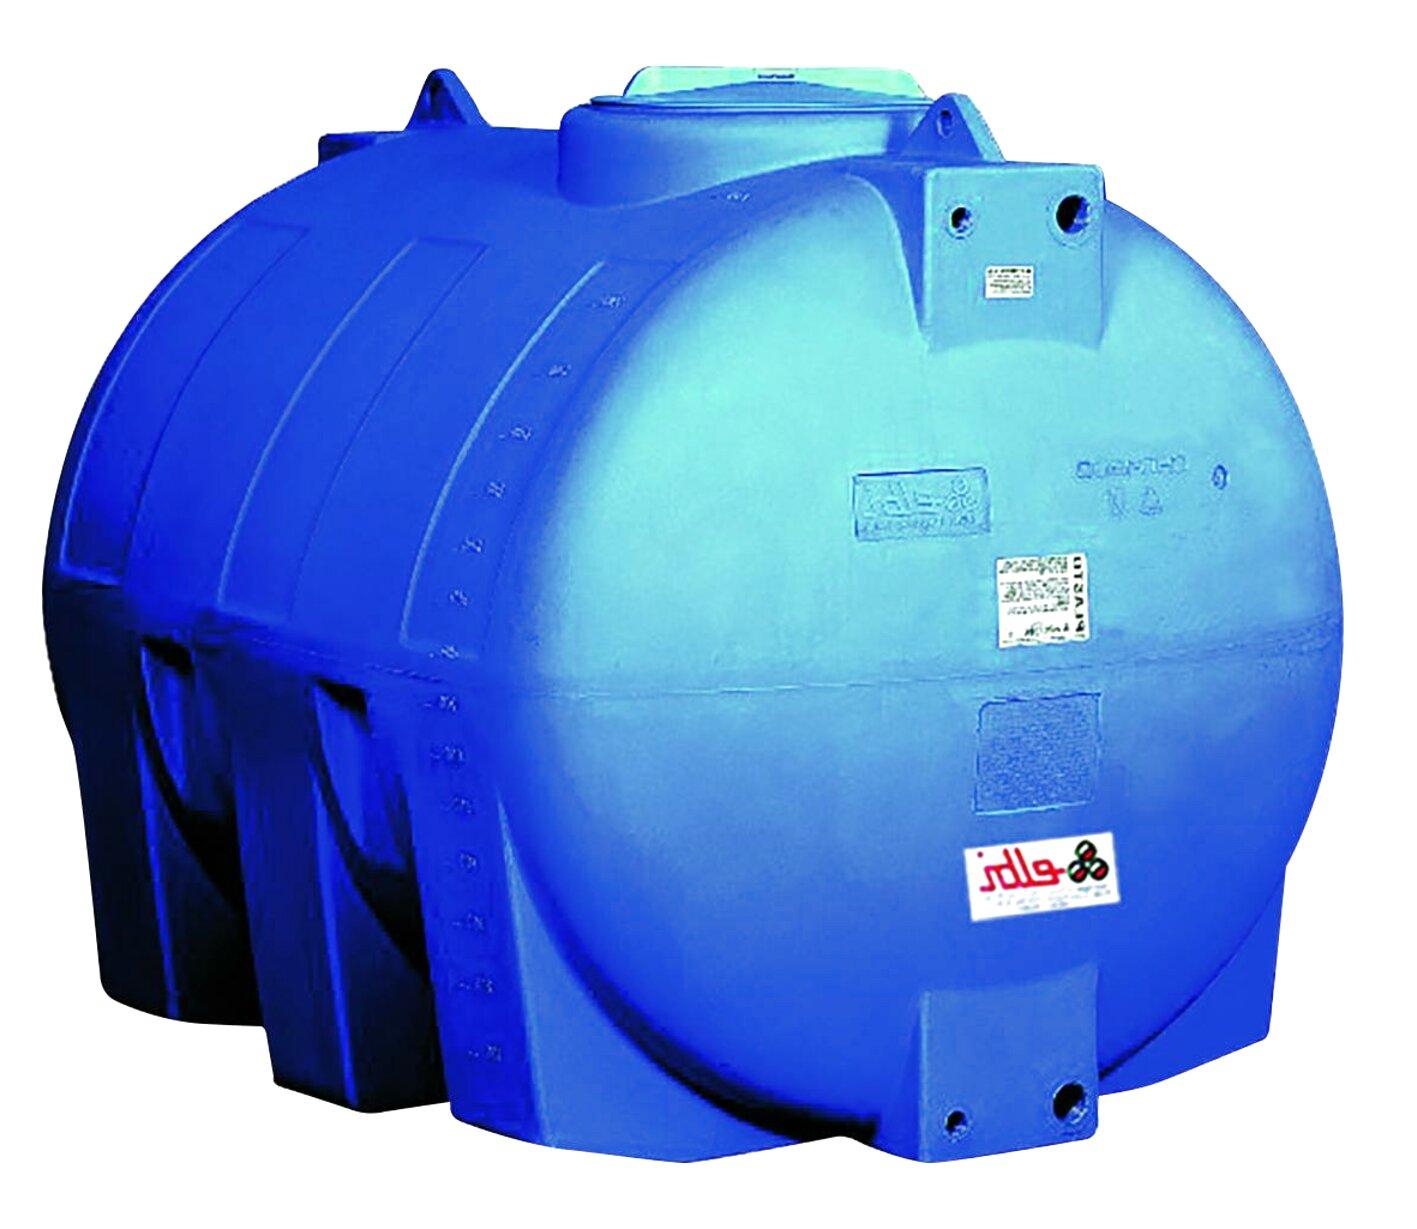 Cisterna Acqua 10000 Litri Usato In Italia Vedi Tutte I 5